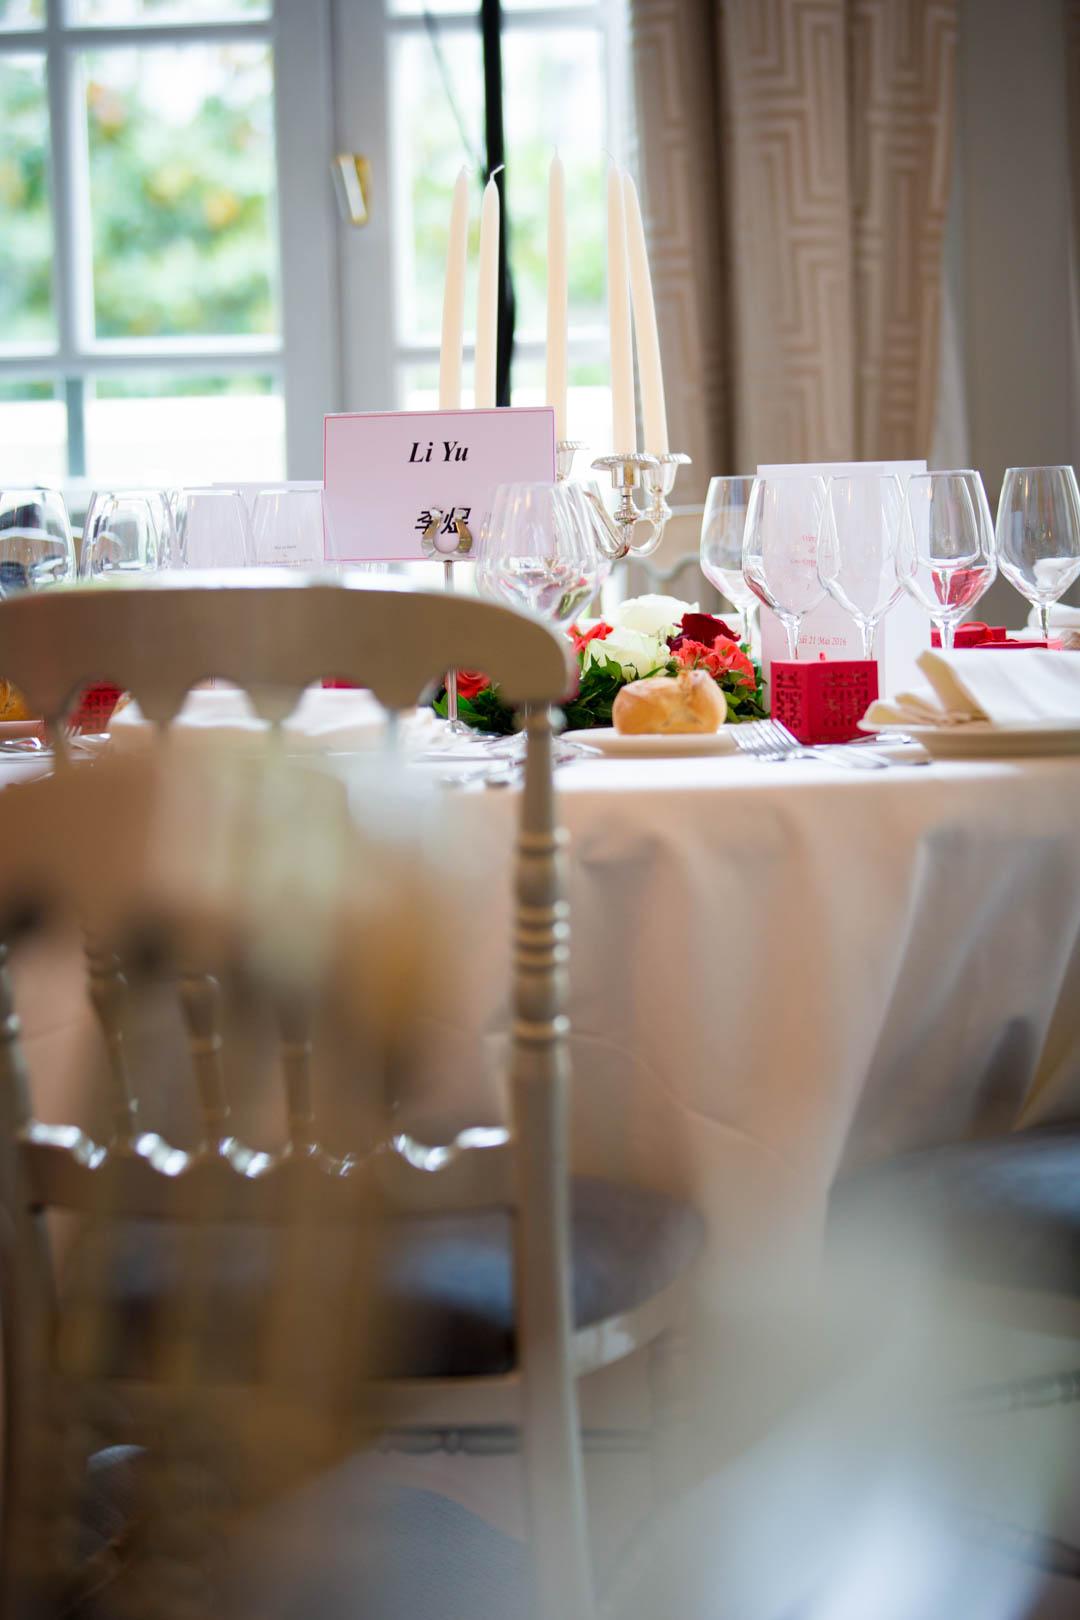 maison-des-arts-et-metiers-cocktail-mariage-2